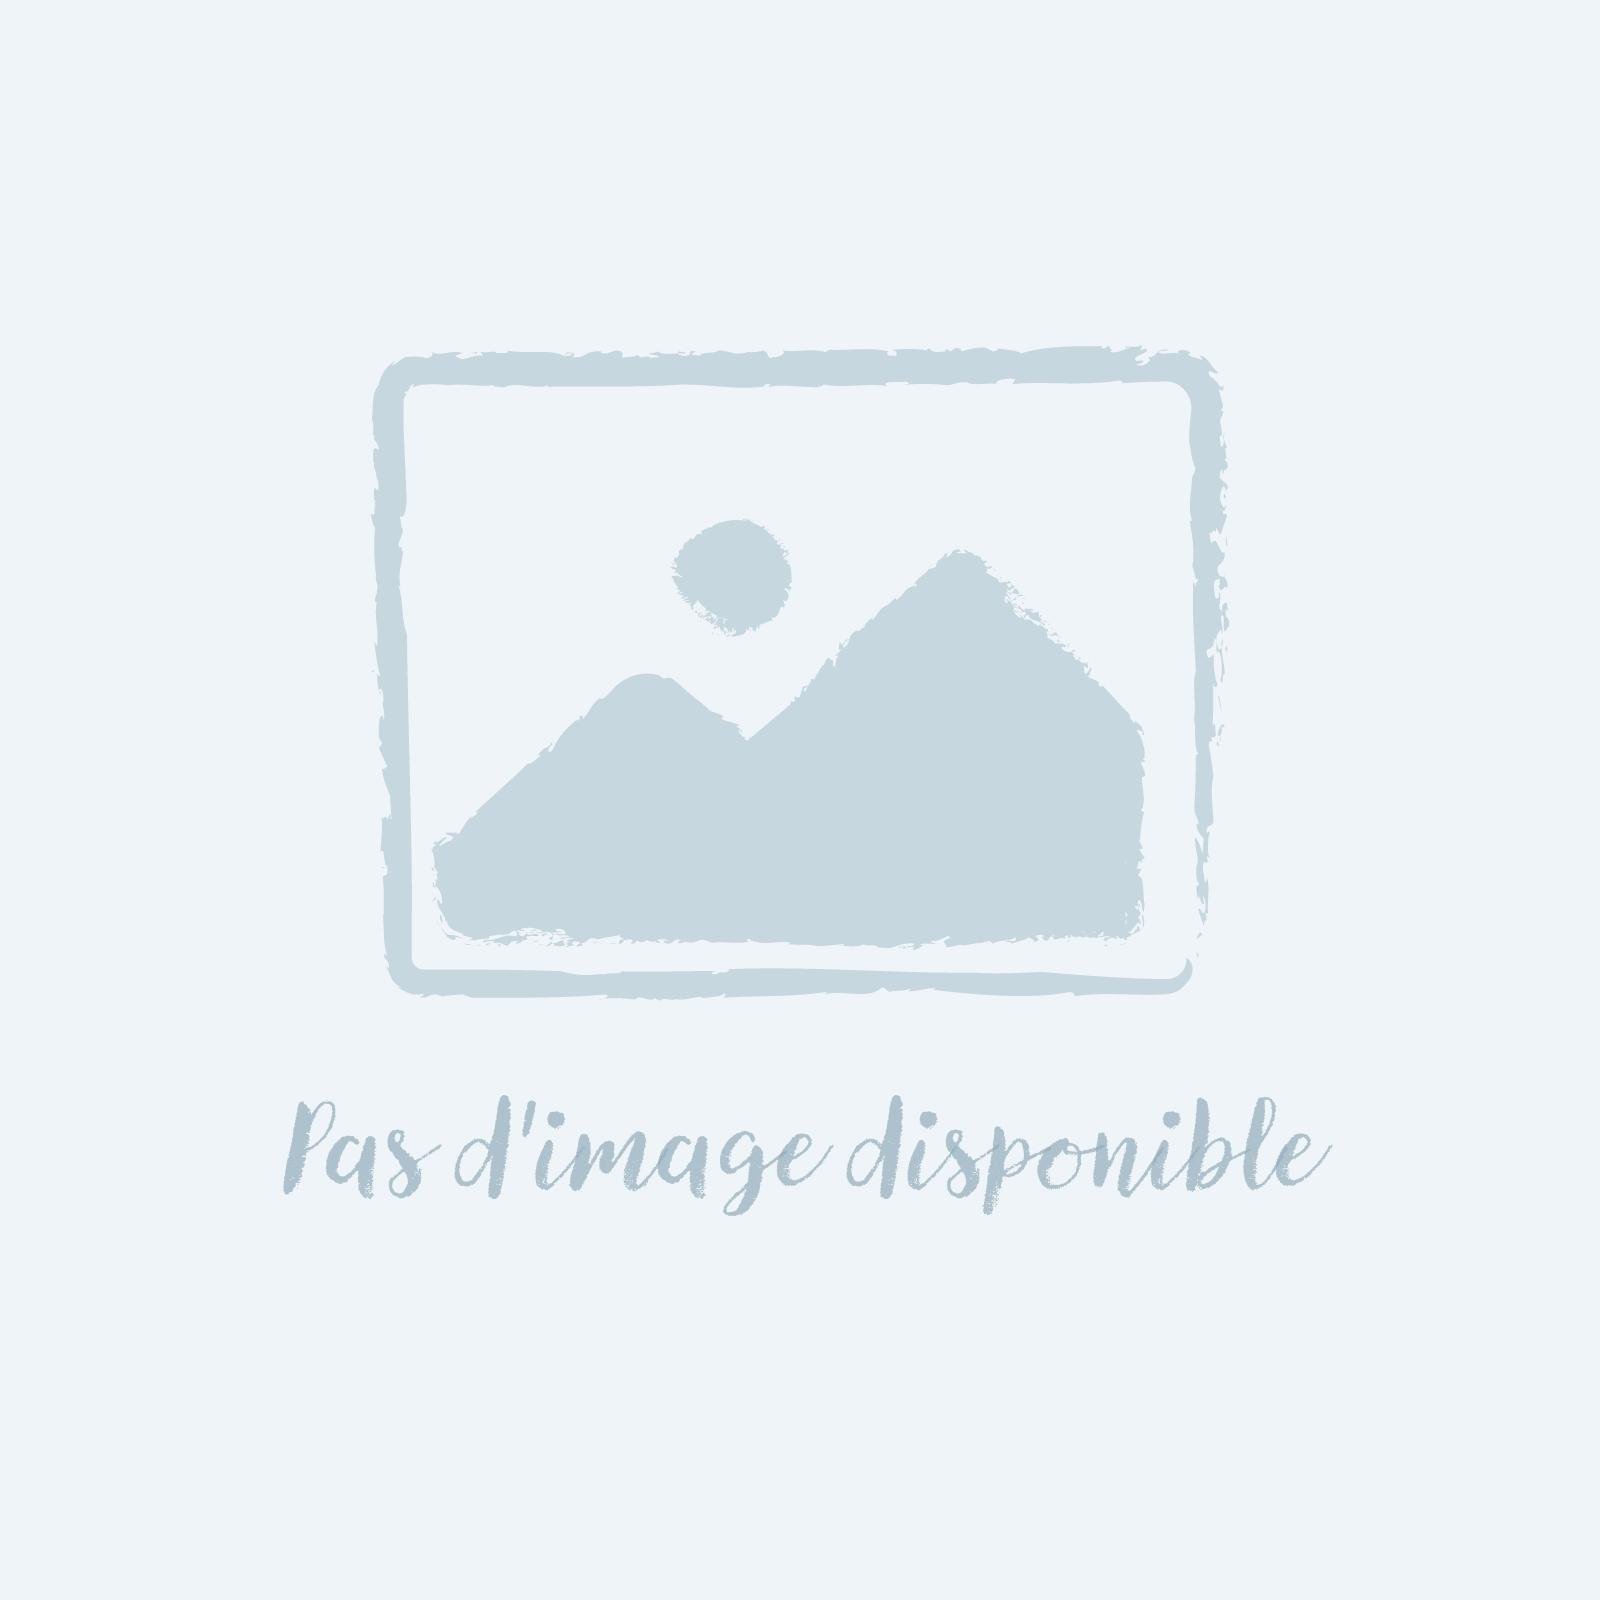 """Gerflor Creation 55 """"0095 Rust corten"""" - Dalle PVC à coller"""